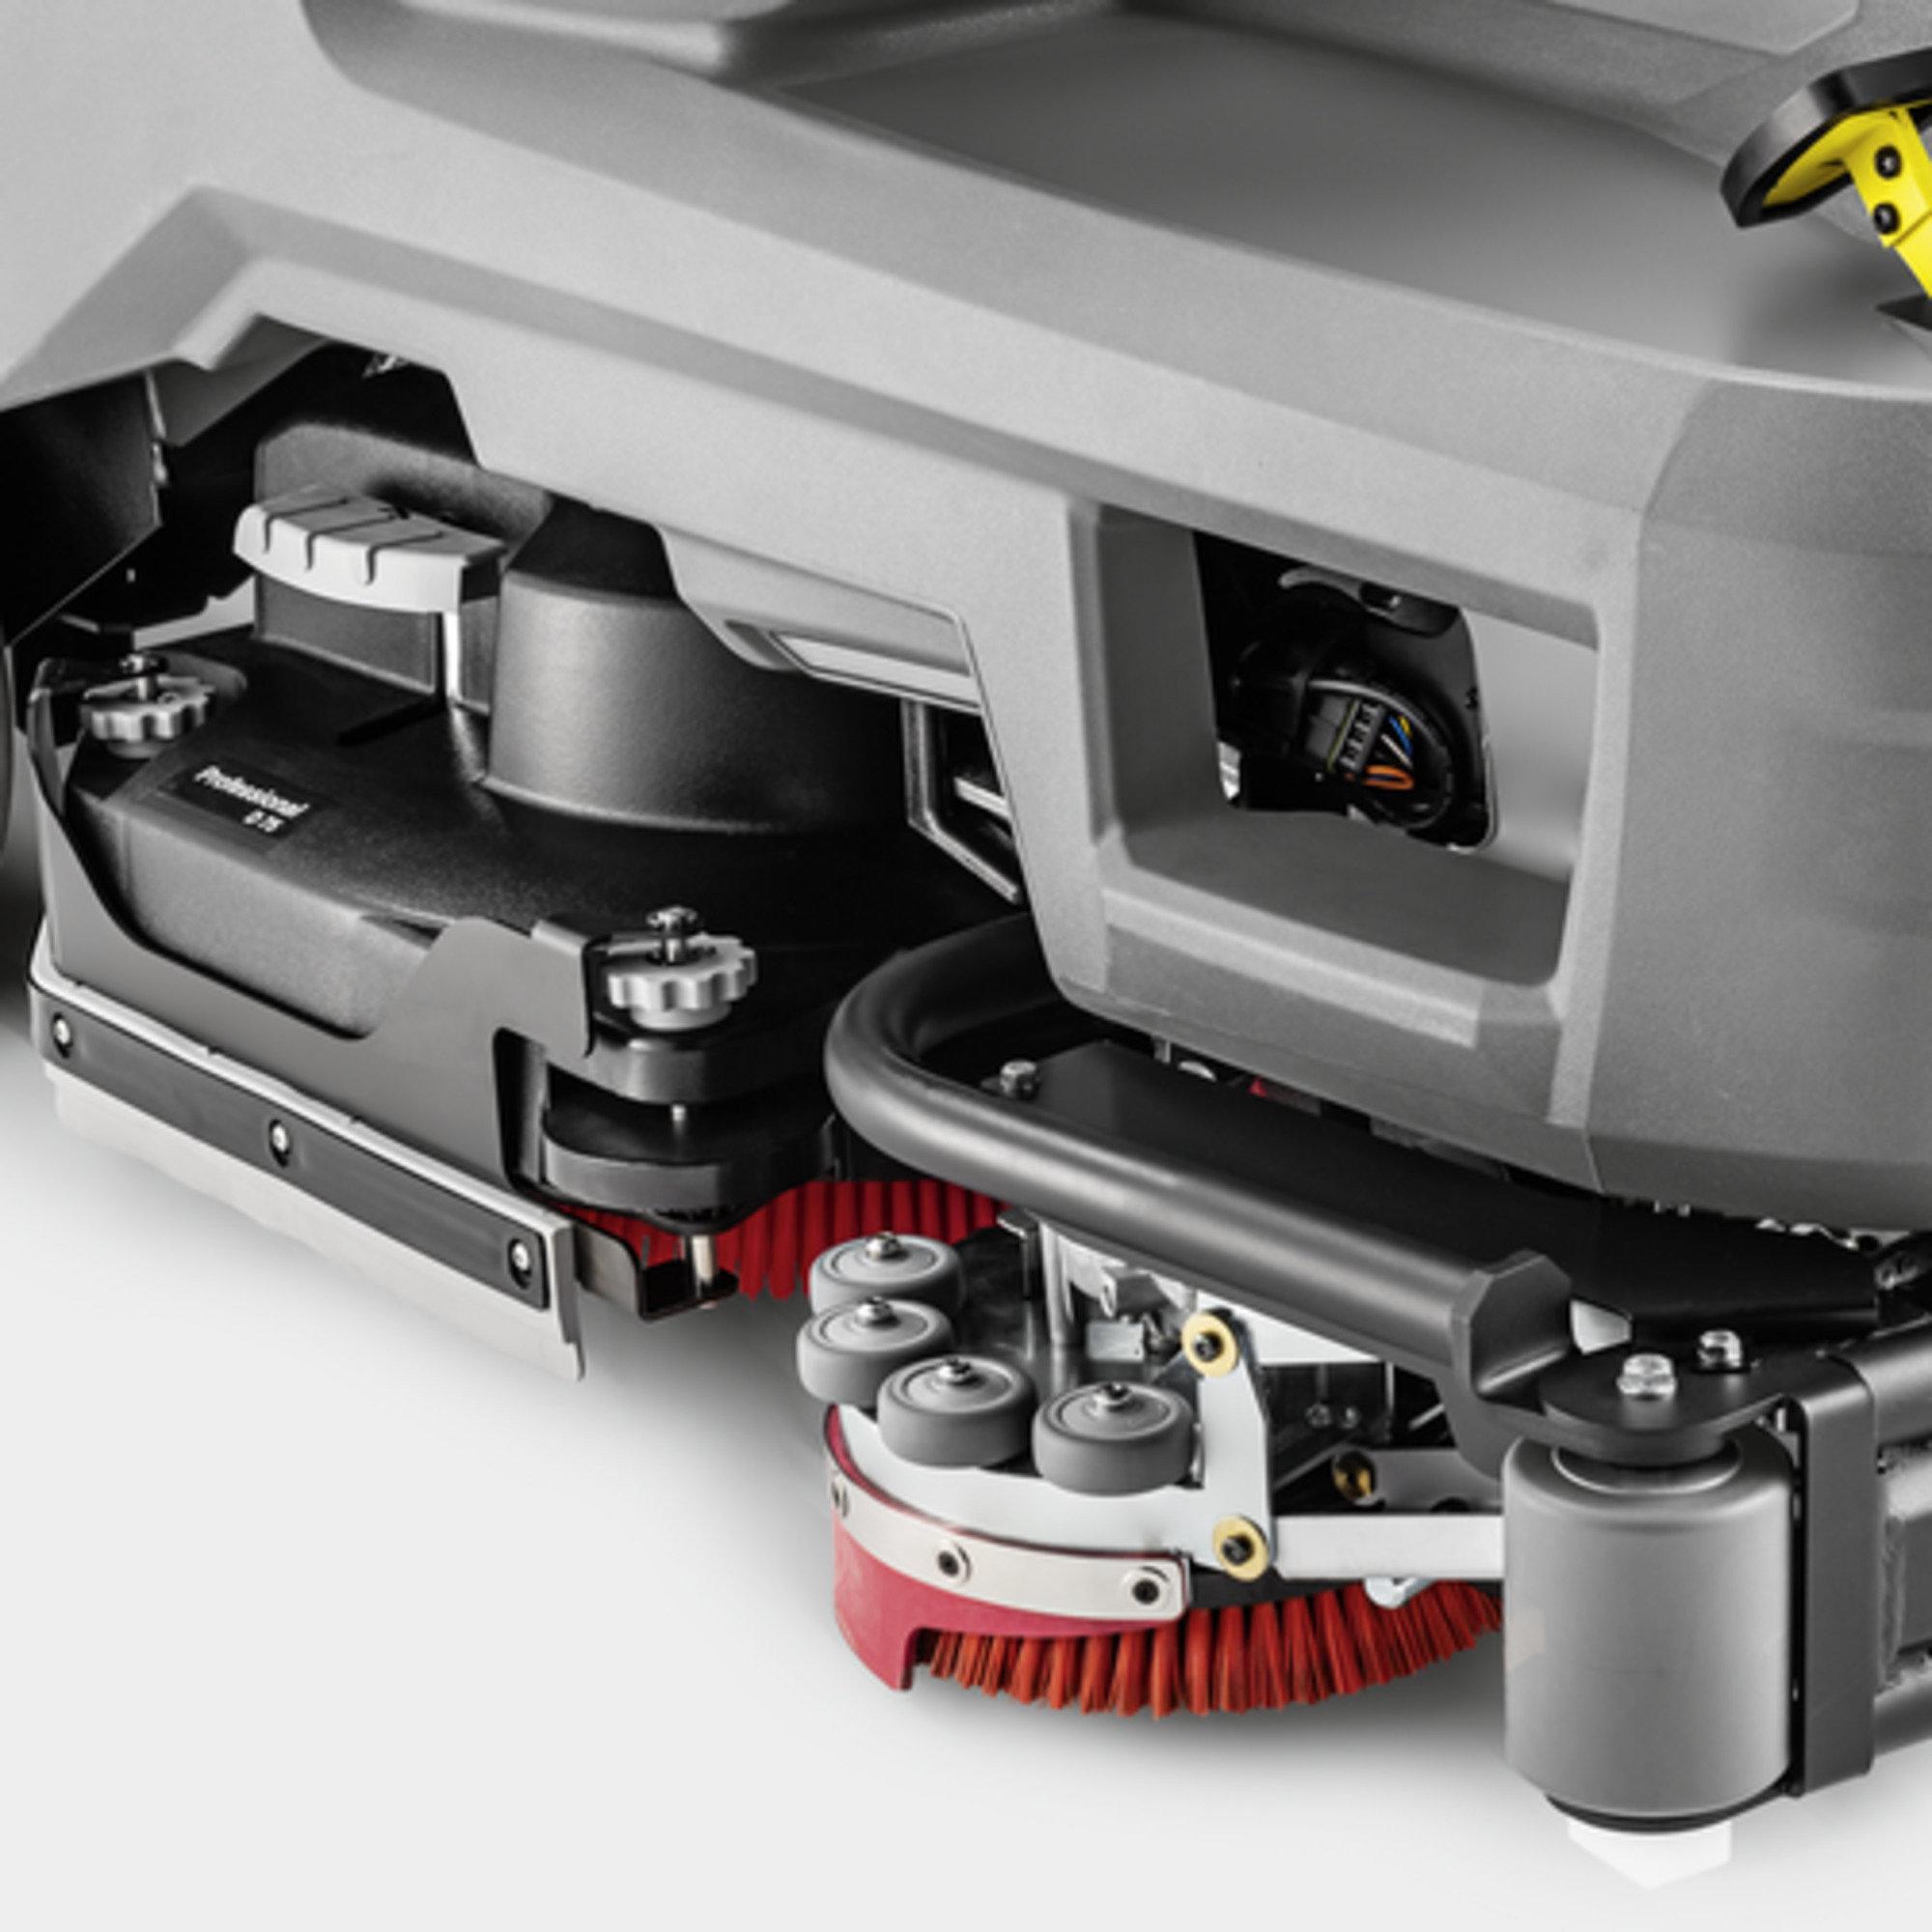 B 110 R Bp Pack 170Ah+Dose+SSD+R75: Tids- og kostnadsbesparende sidebørster.